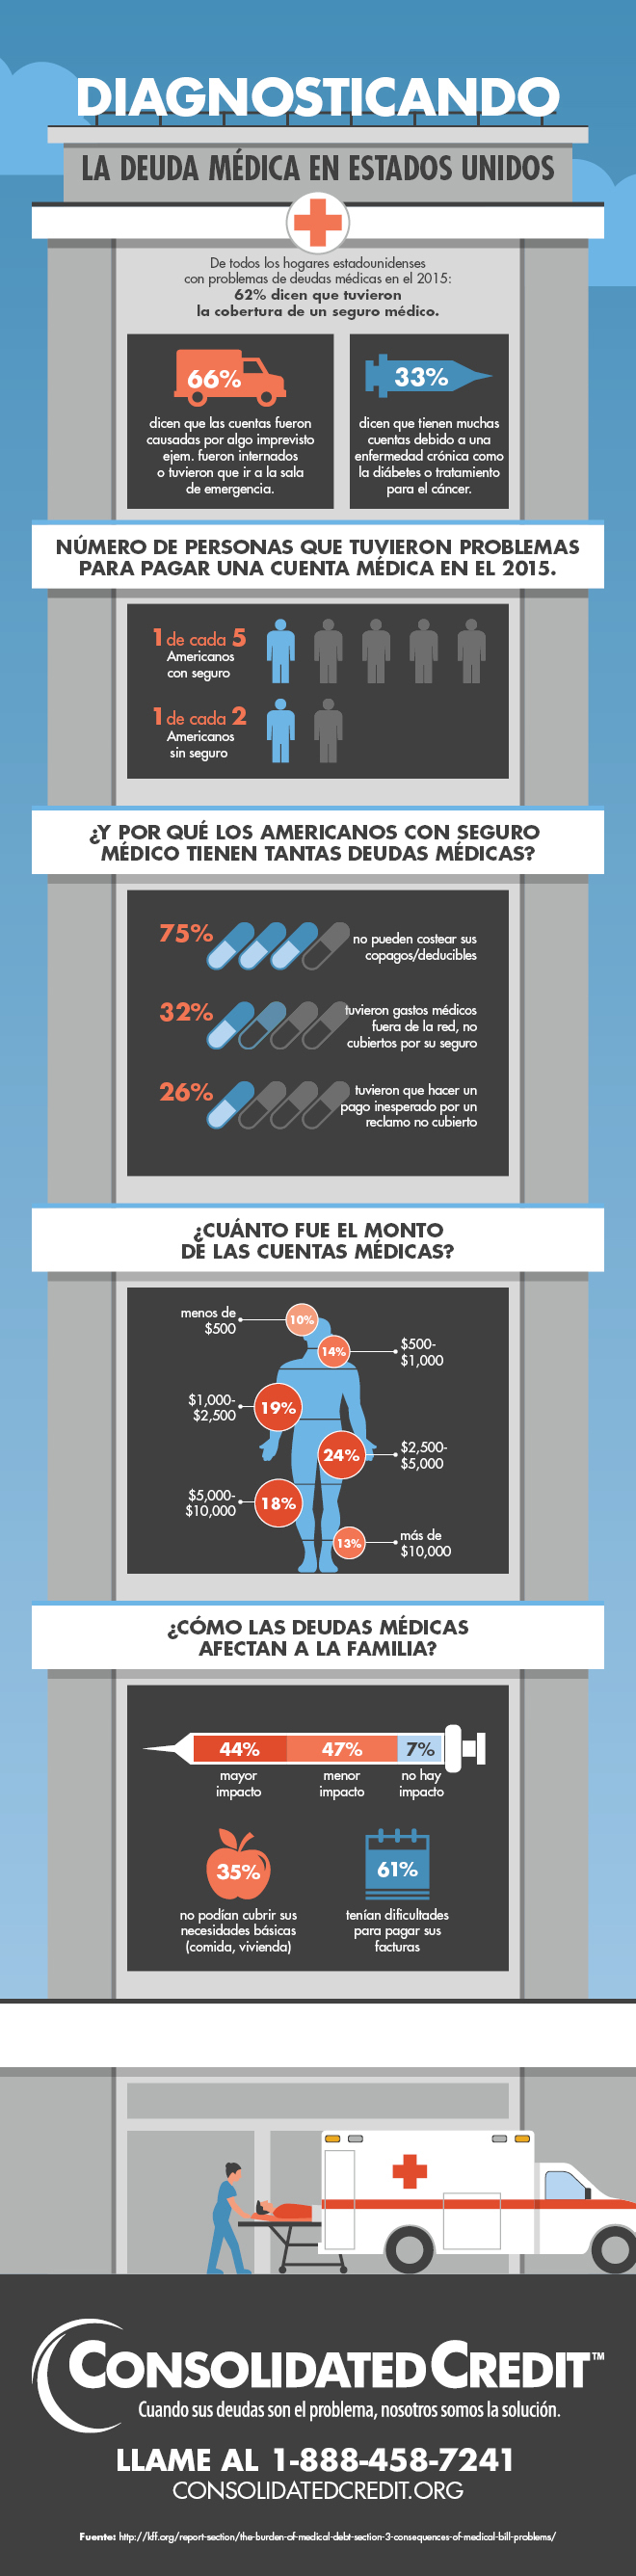 Infografía sobre las dudas médicas